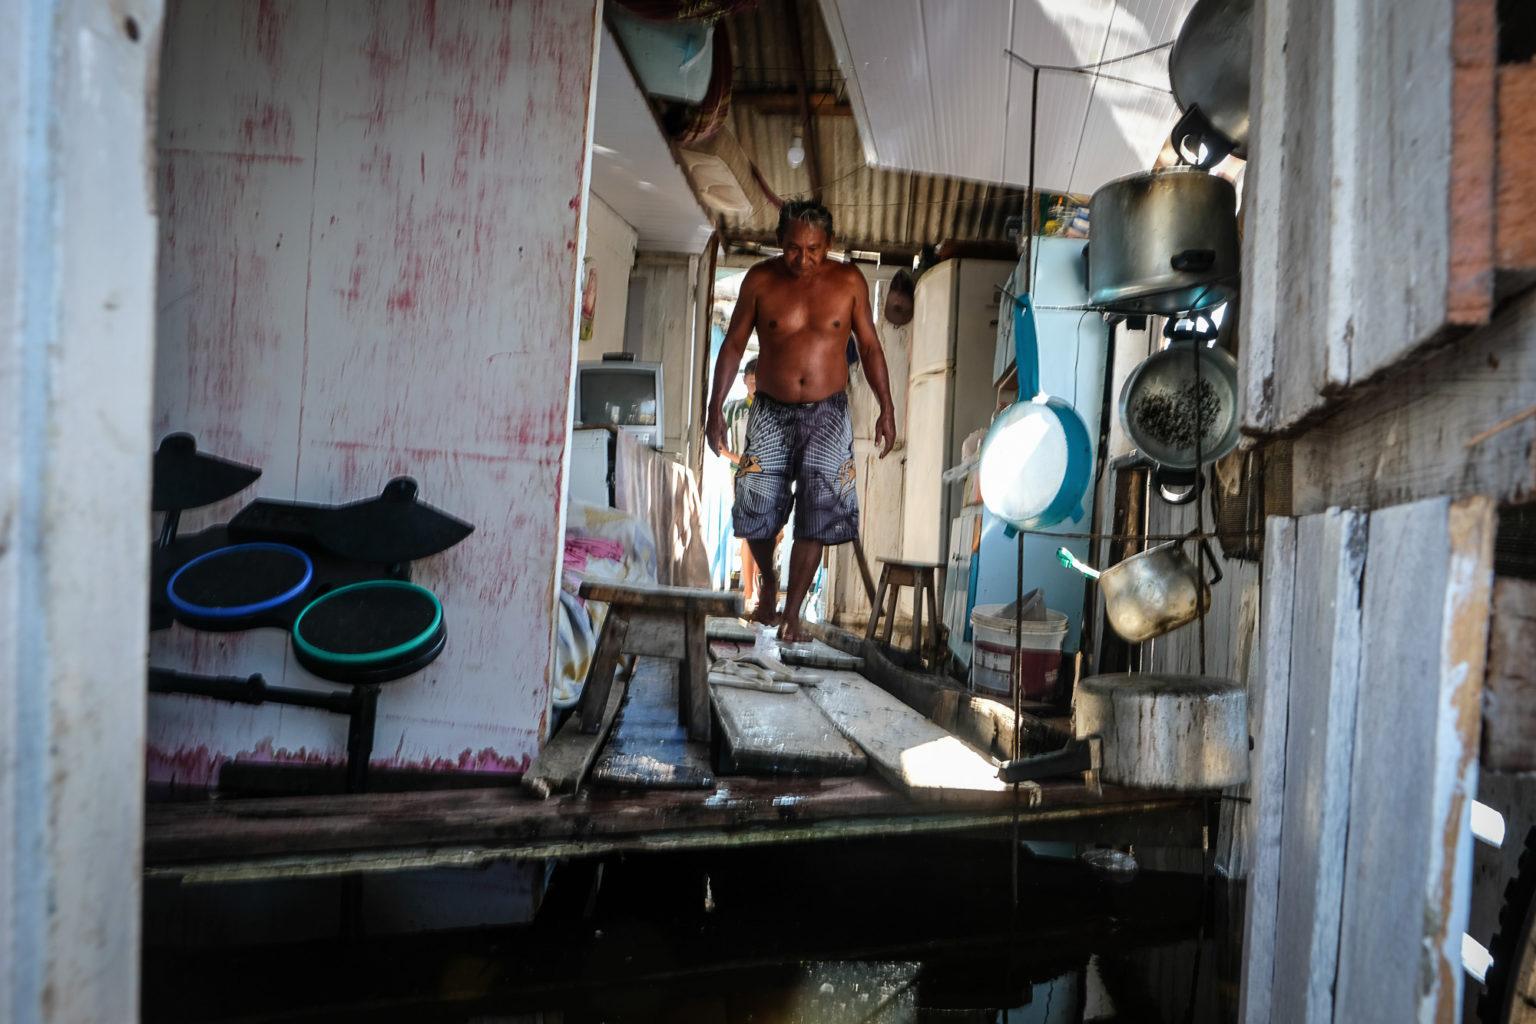 Gésito da Silva Machado, morador do beco Inocêncio Araújo, no Educandos: seis famílias moram em casa tomada pela água (Foto: Alberto César Araújo/Amazônia Real)